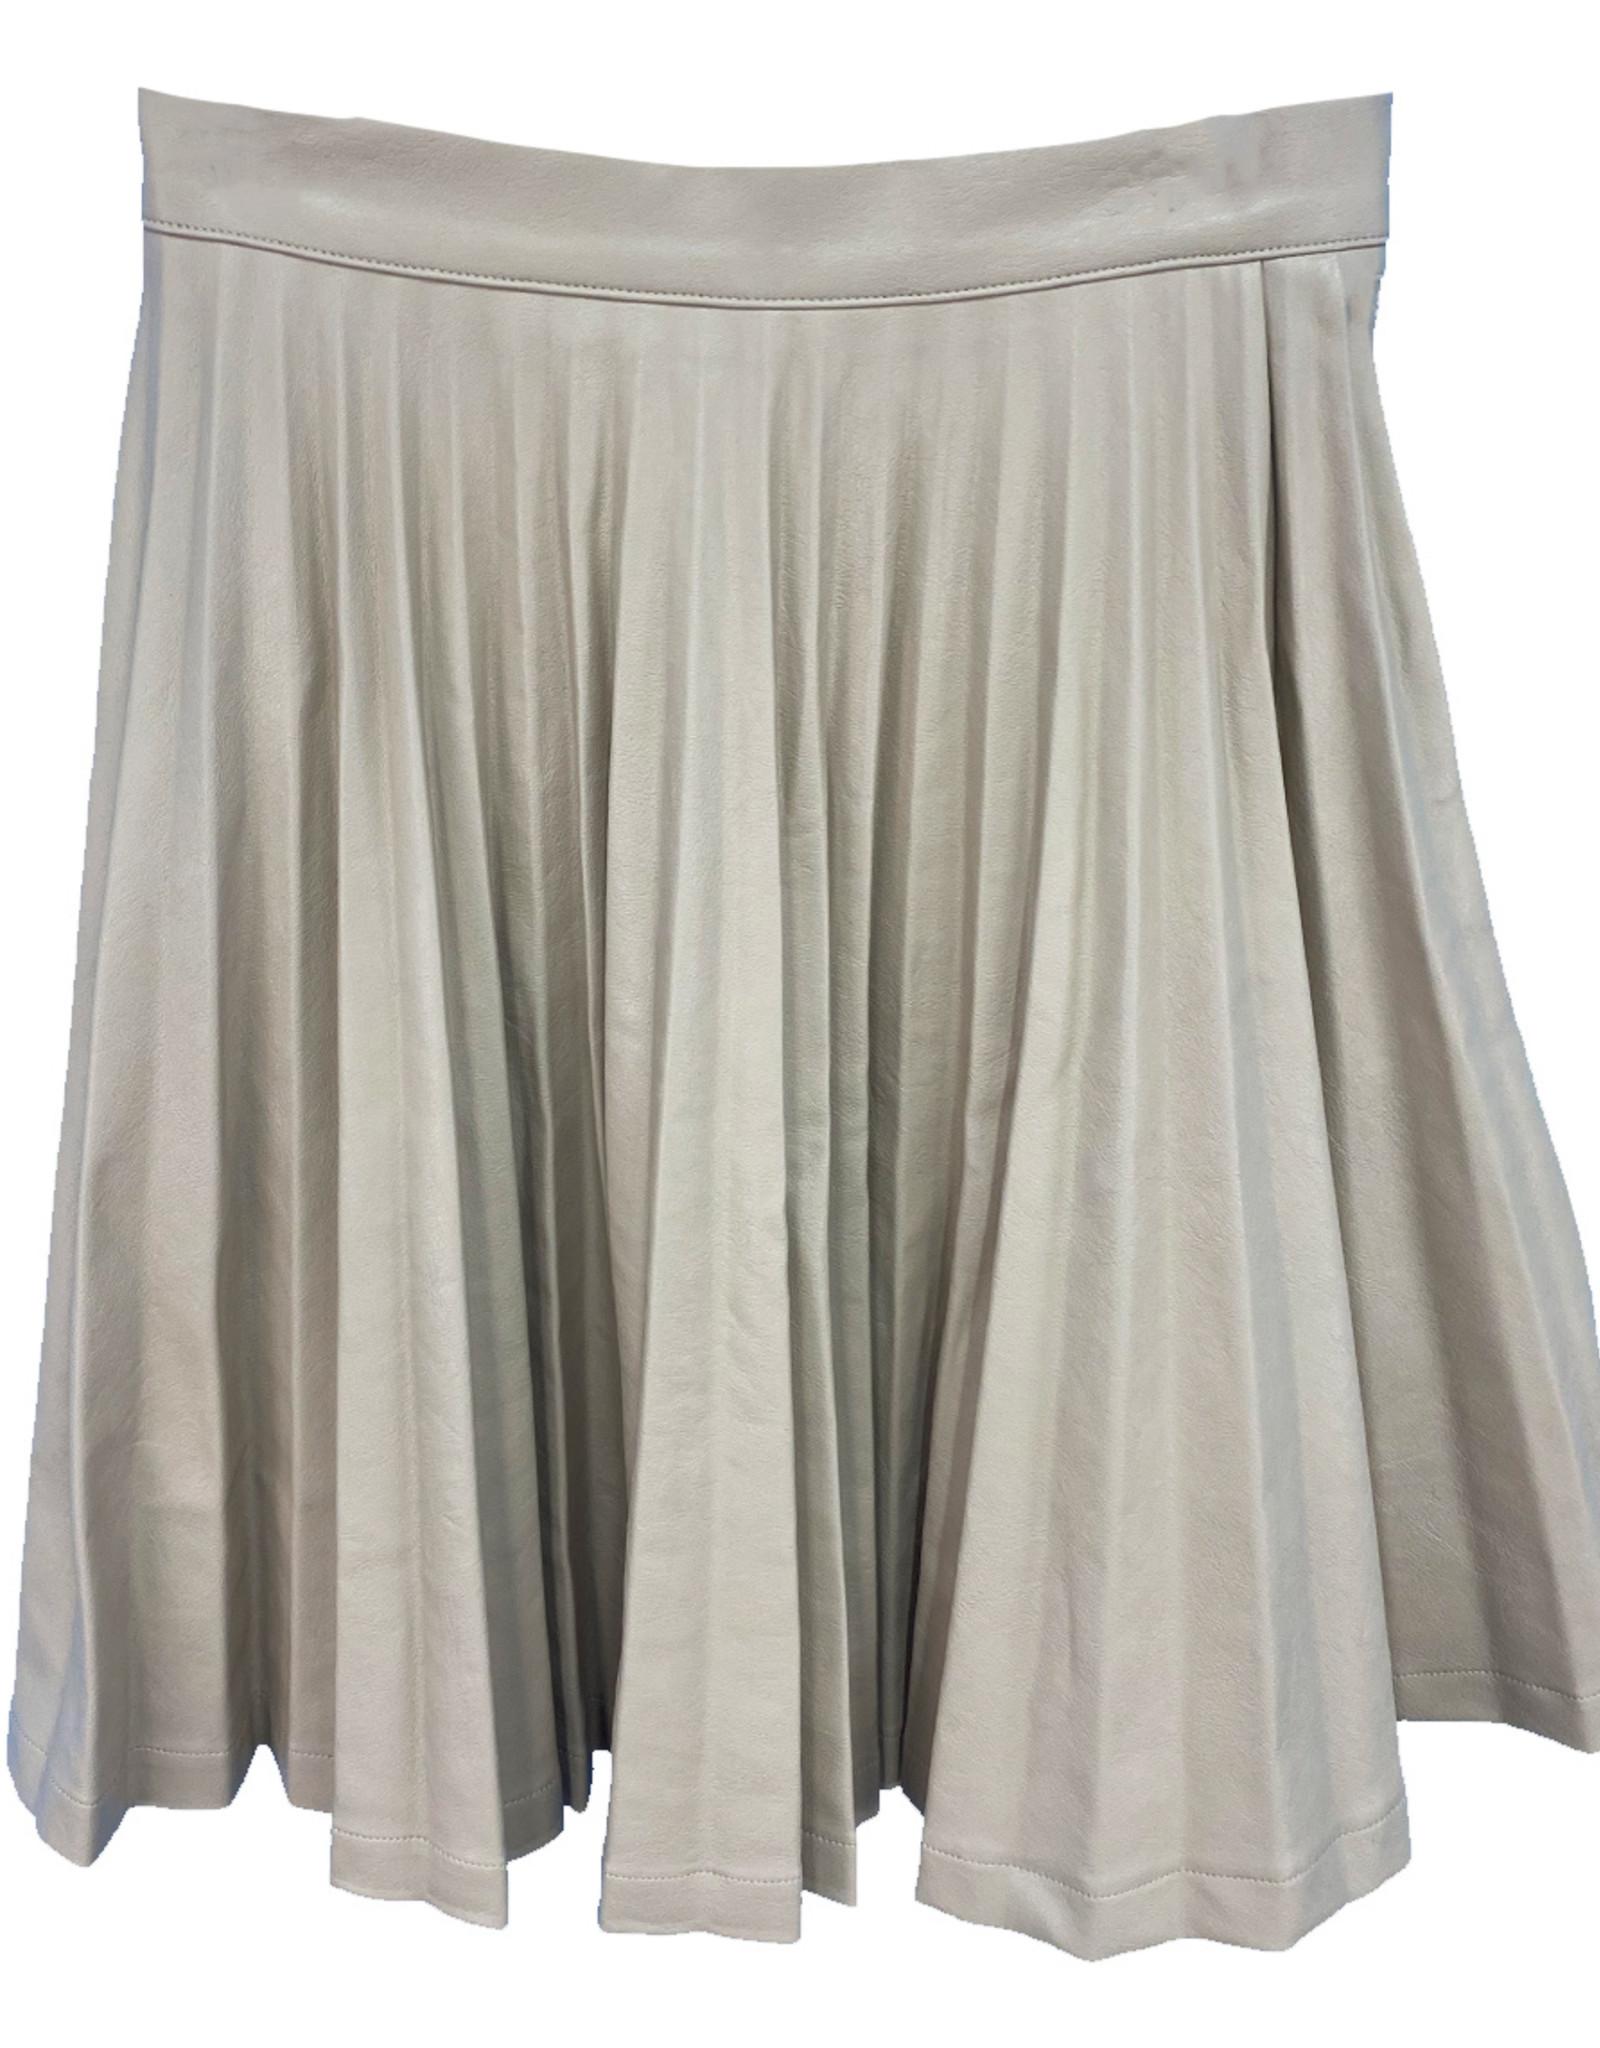 MeMe MeMe Accordion Pleated Pleather Skirt